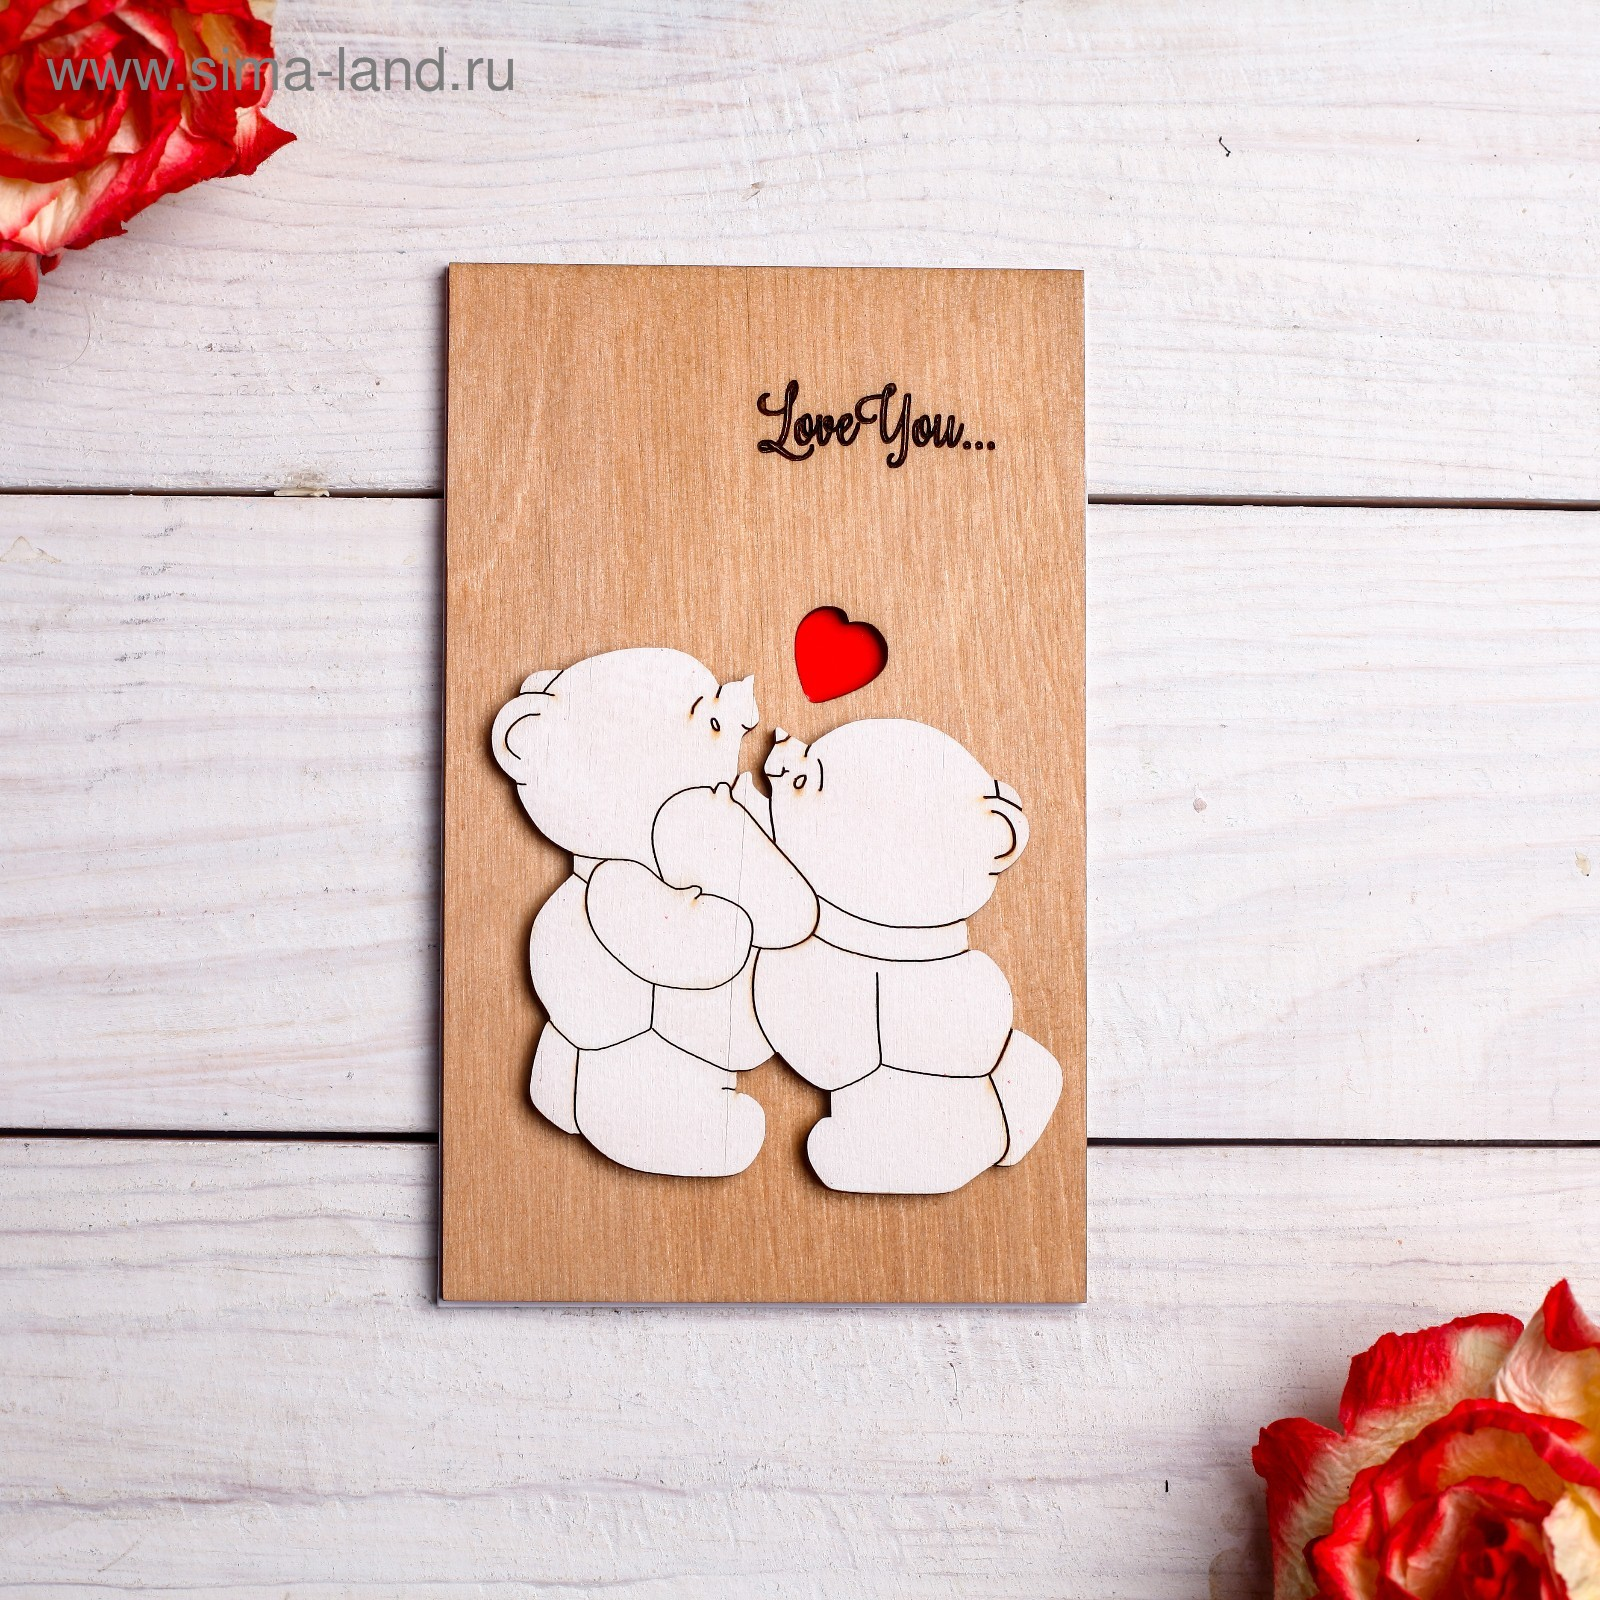 Деревянные открытки томск